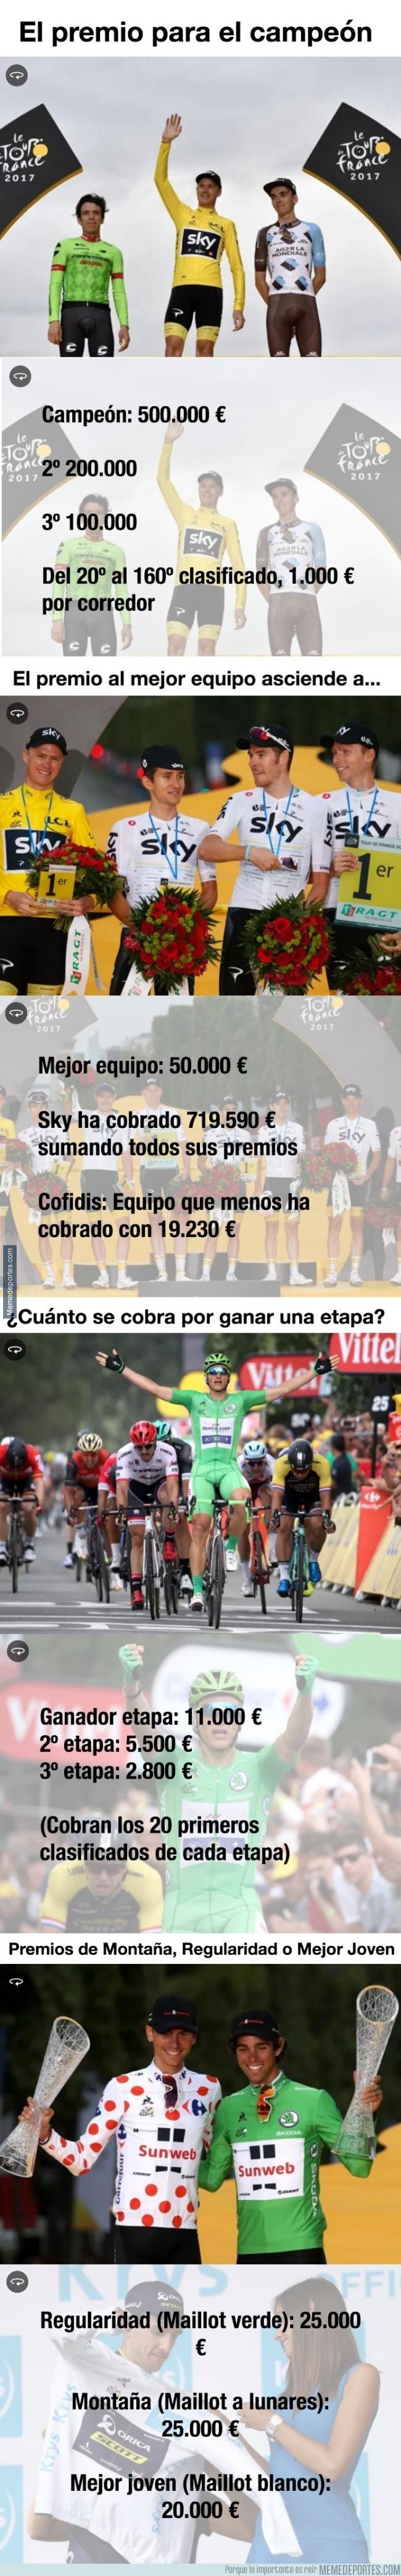 989226 - ¿Cuánto dinero gana el campeón del Tour y cuánto dinero se reparte en premios?